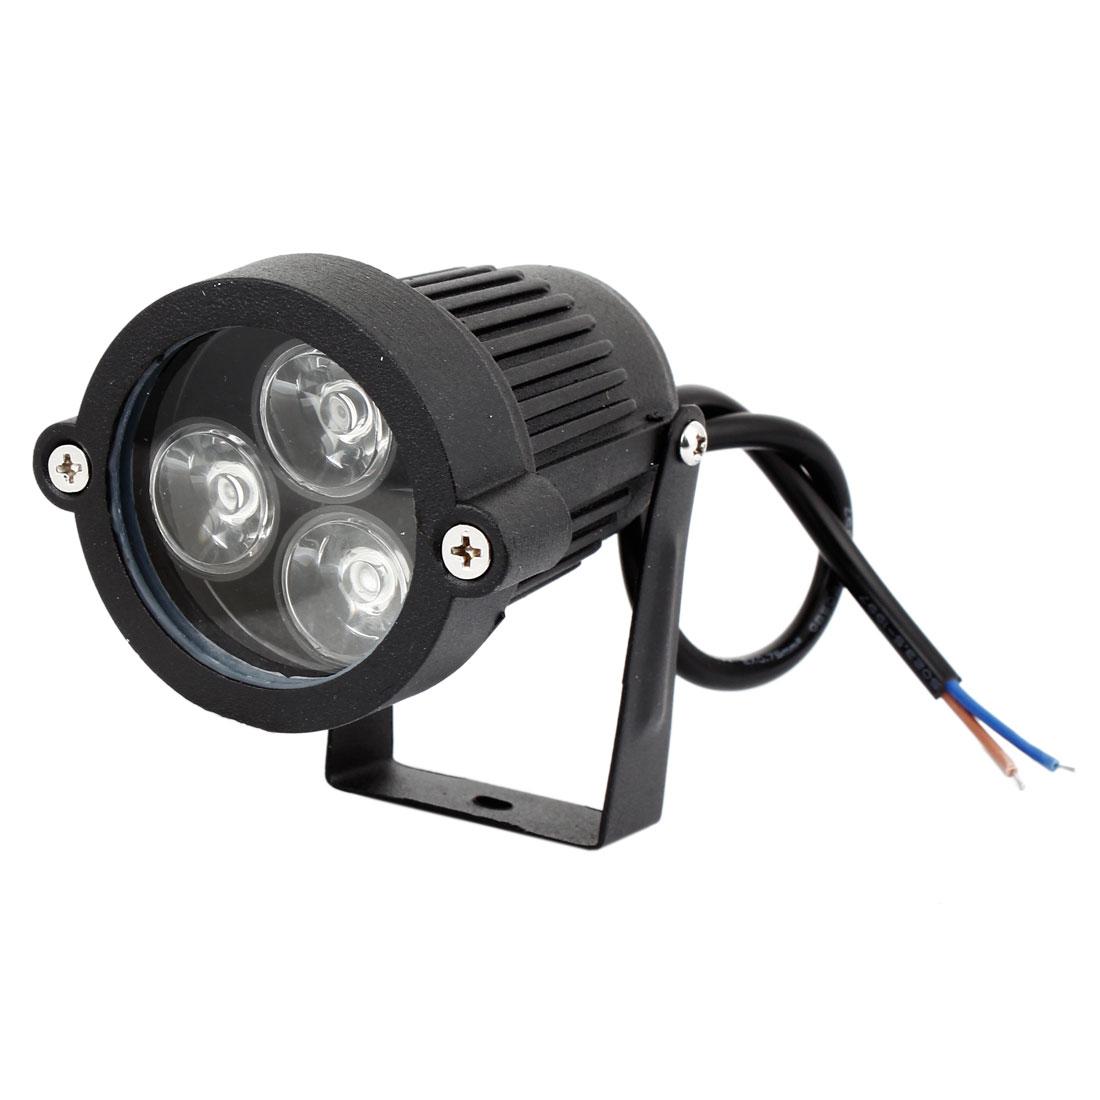 Landscape Garden Outdoor Black Aluminum Housing 6W 3-LED Blue Light Ground Spike Spotlight 300-330LM 12V